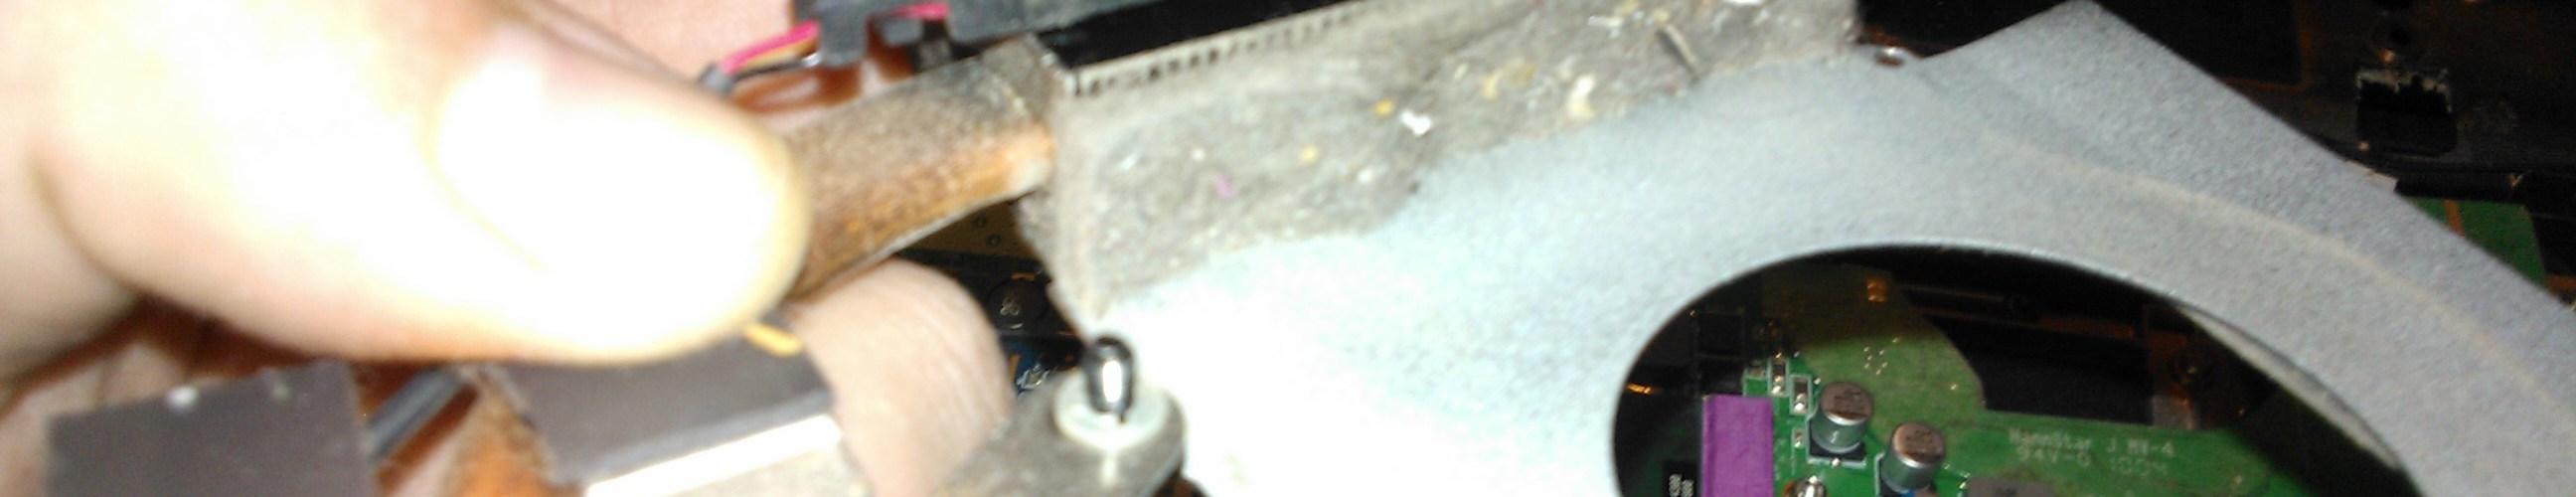 Кулер ноутбука с загрязнениями